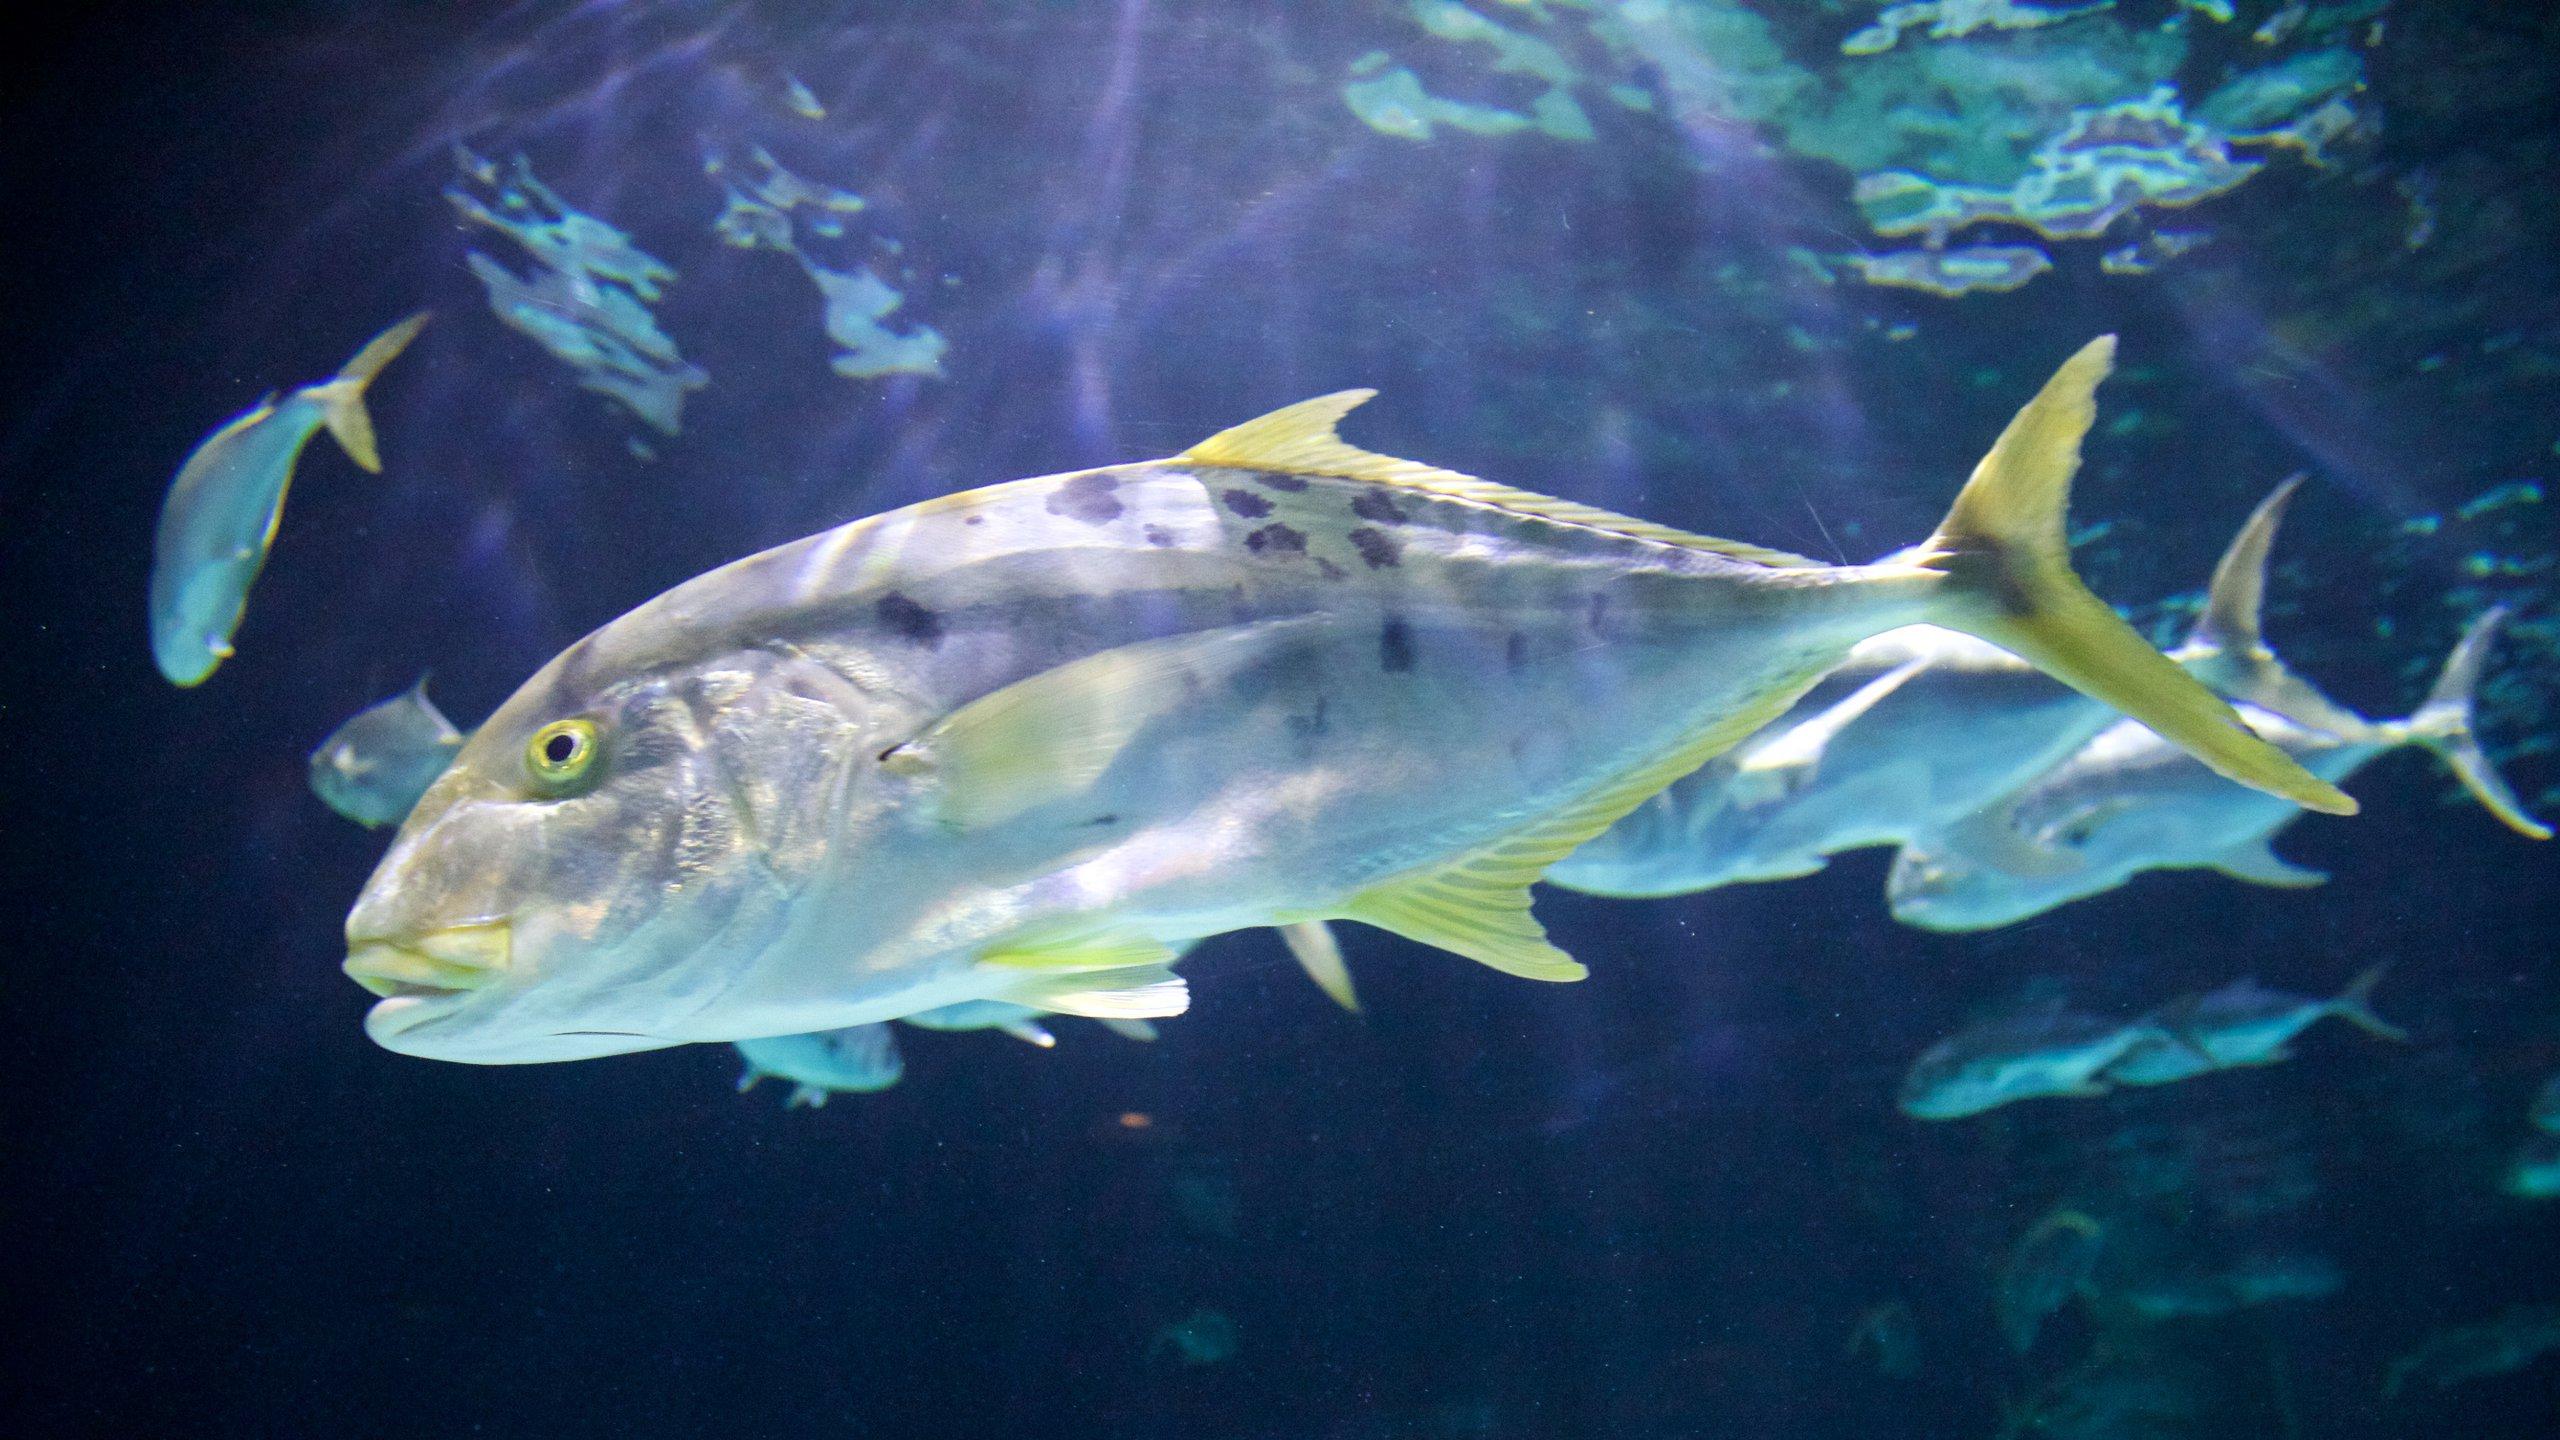 Point Defiance Zoo and Aquarium, Tacoma, Washington, United States of America